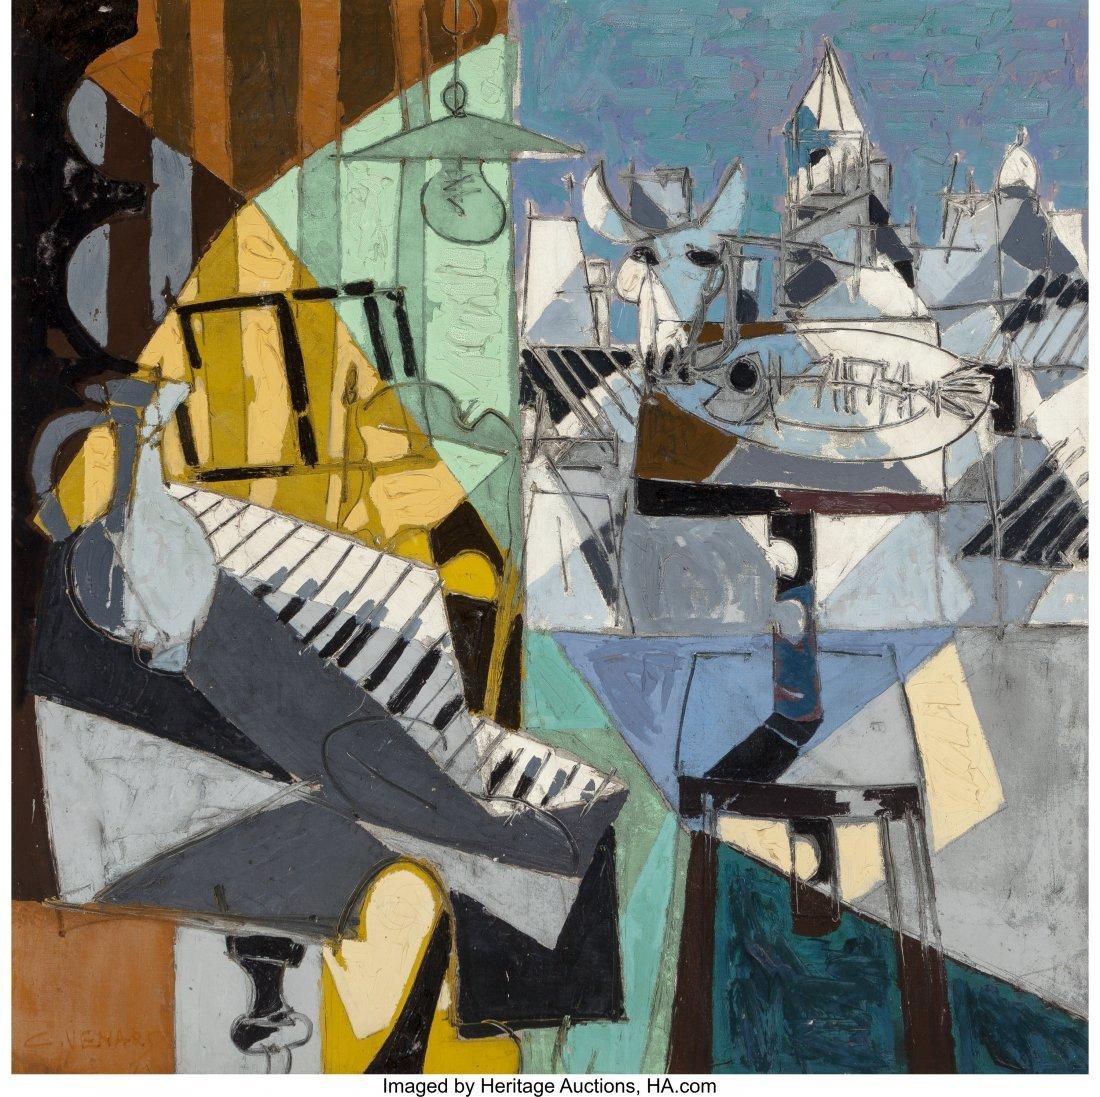 69009: Claude Venard (1913-1999) Le repas du pianiste O